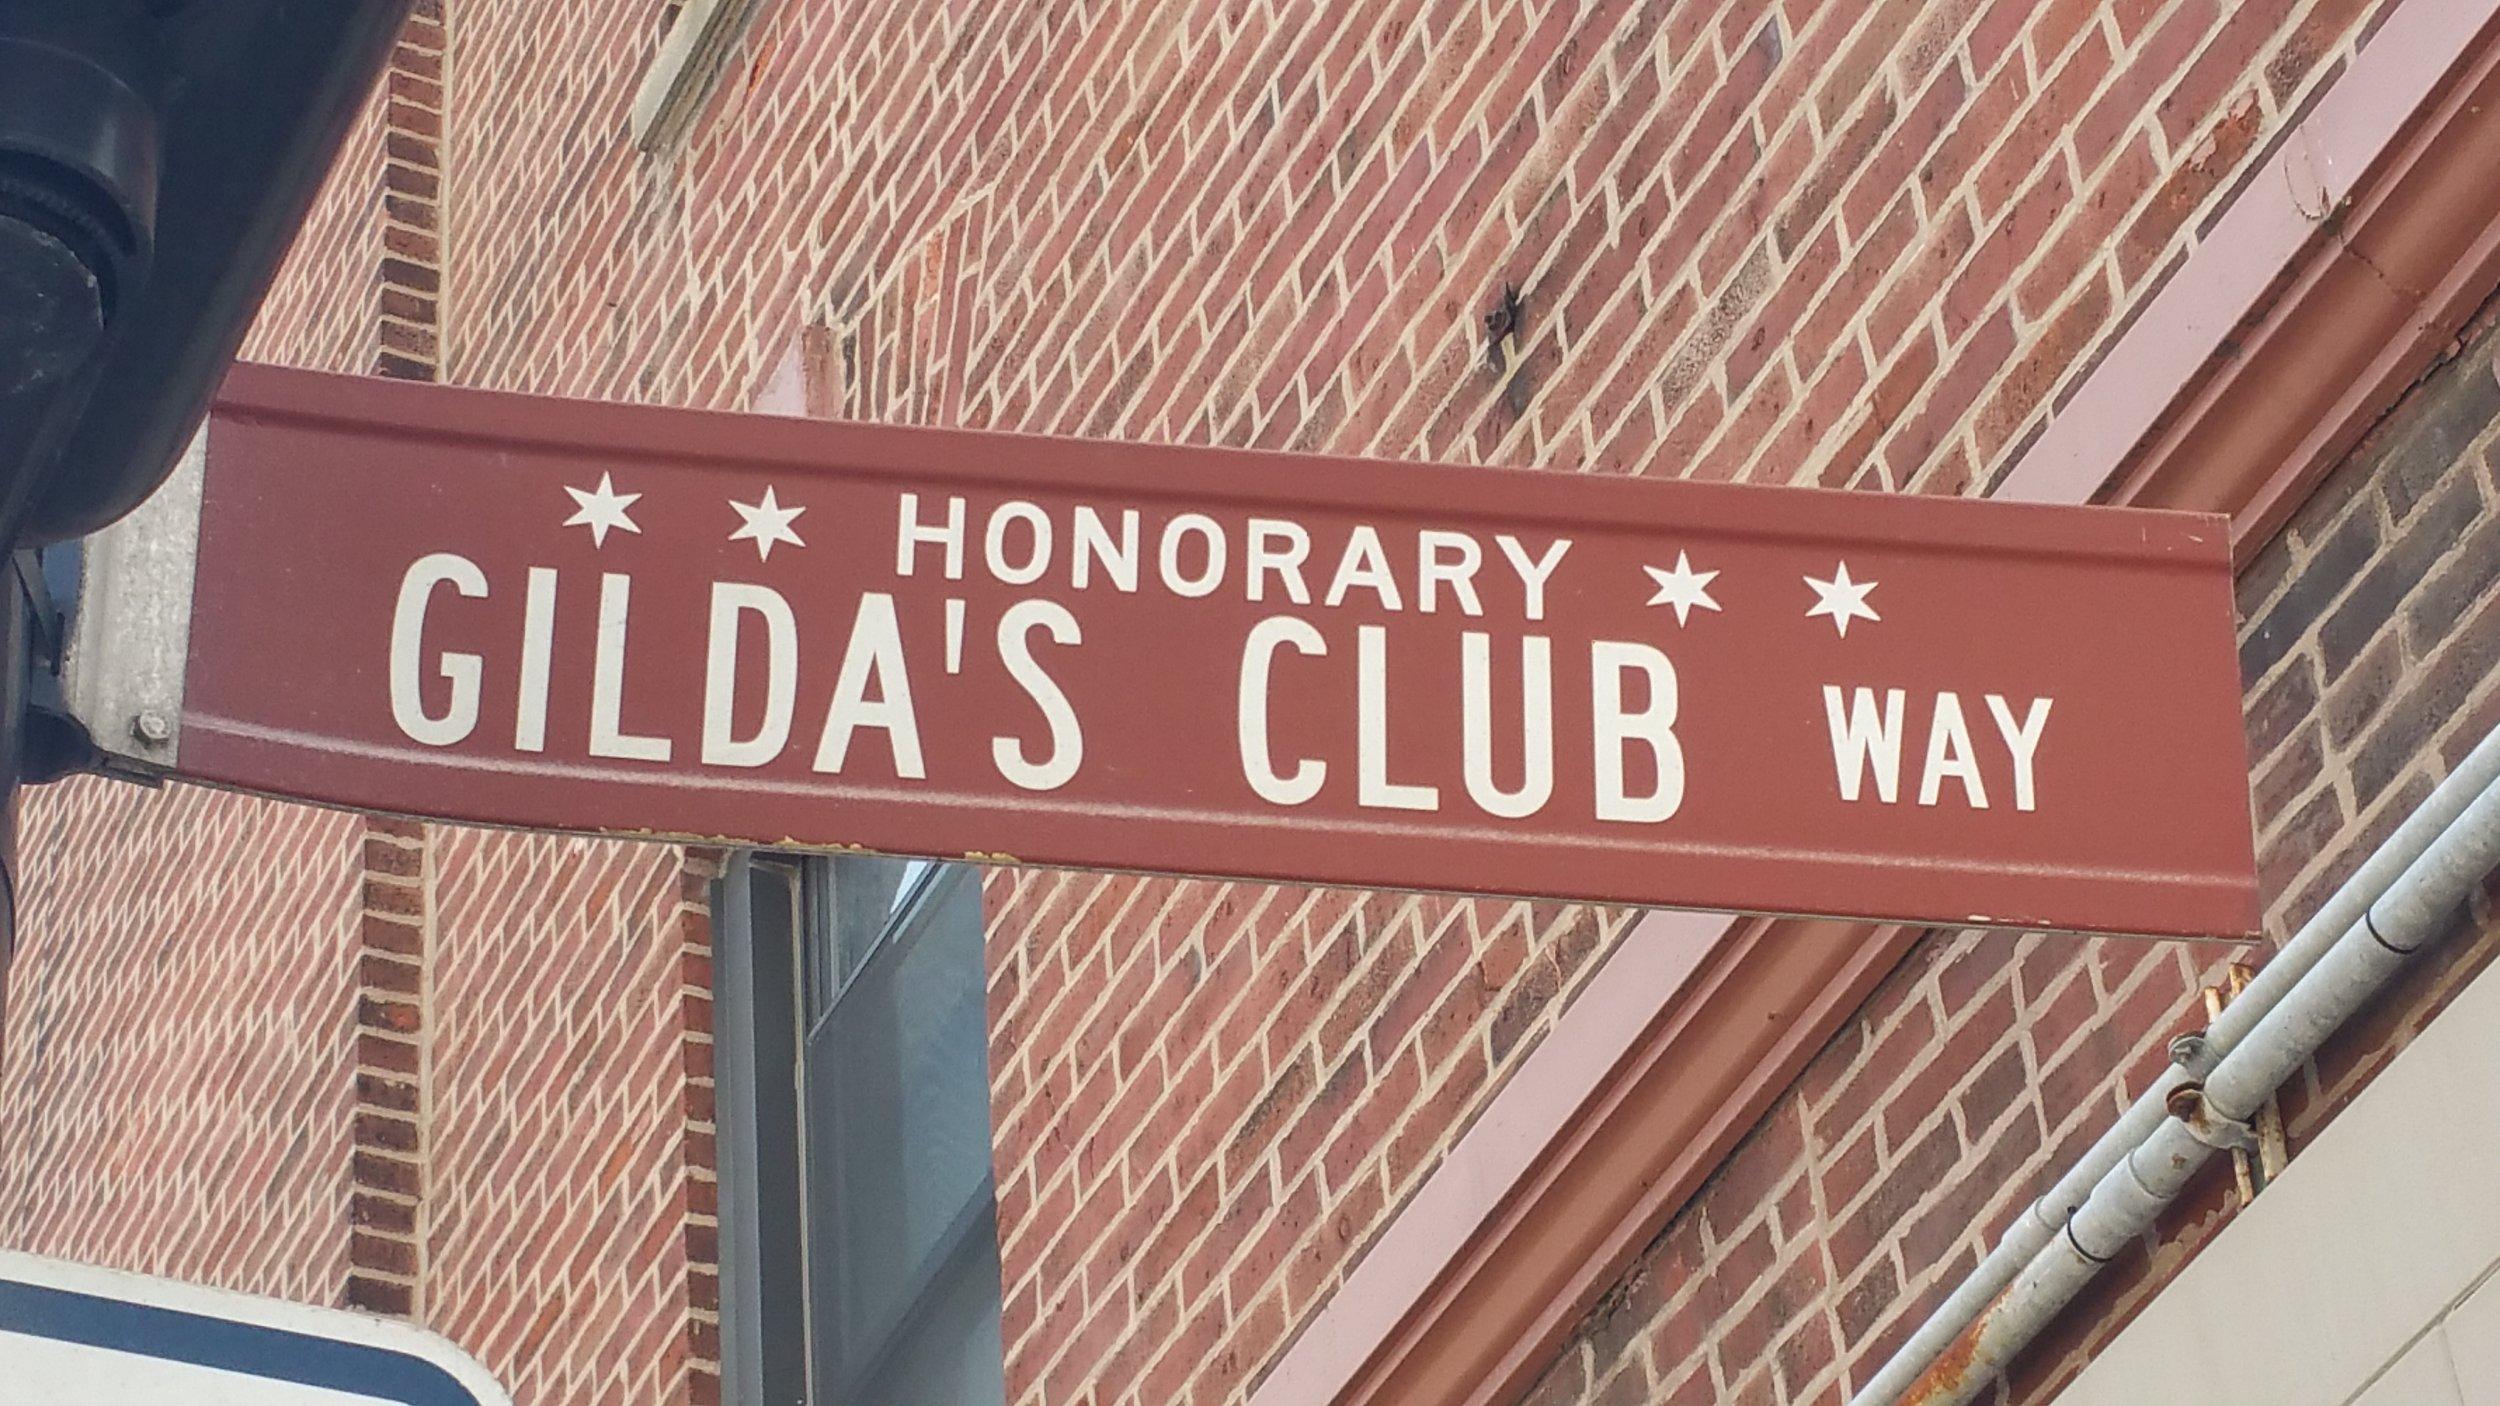 Gilda's Club - Gilda Radner club for cancer survivors - Honorary Chicago